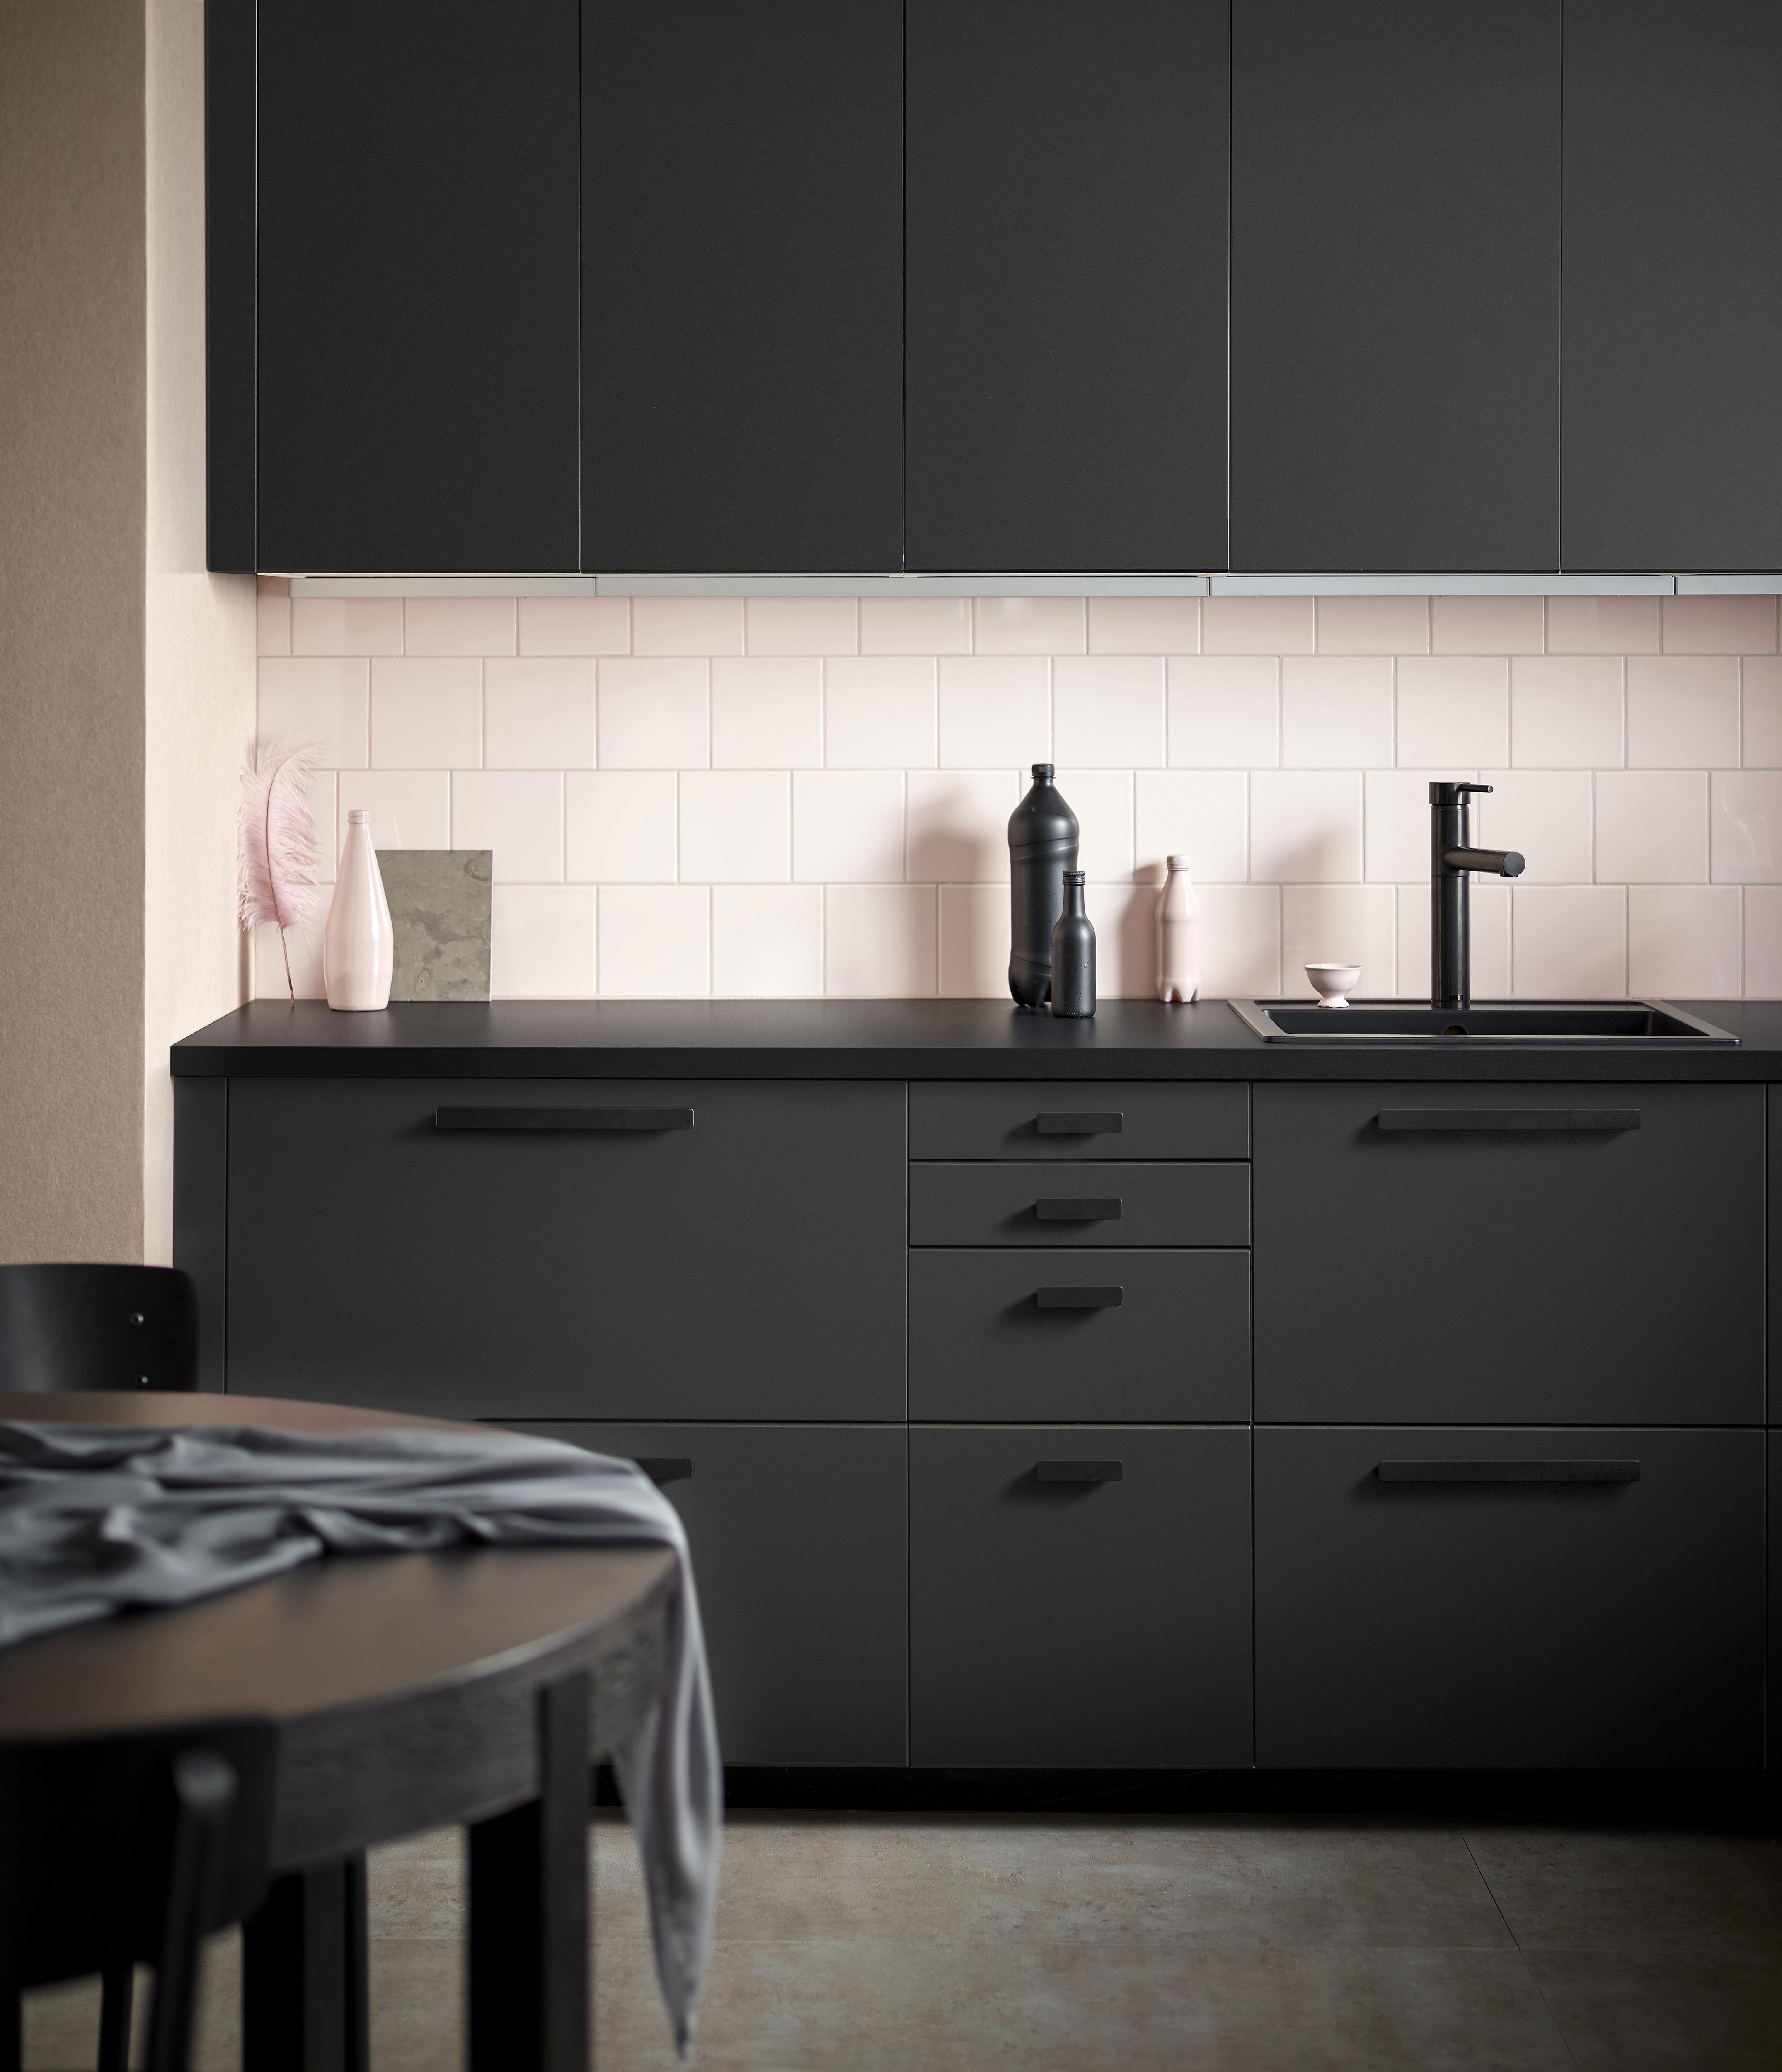 Küchenzeile ikea  ▷ IKEA bringt Küchenfronten aus recycelten PET-Flaschen auf den ...